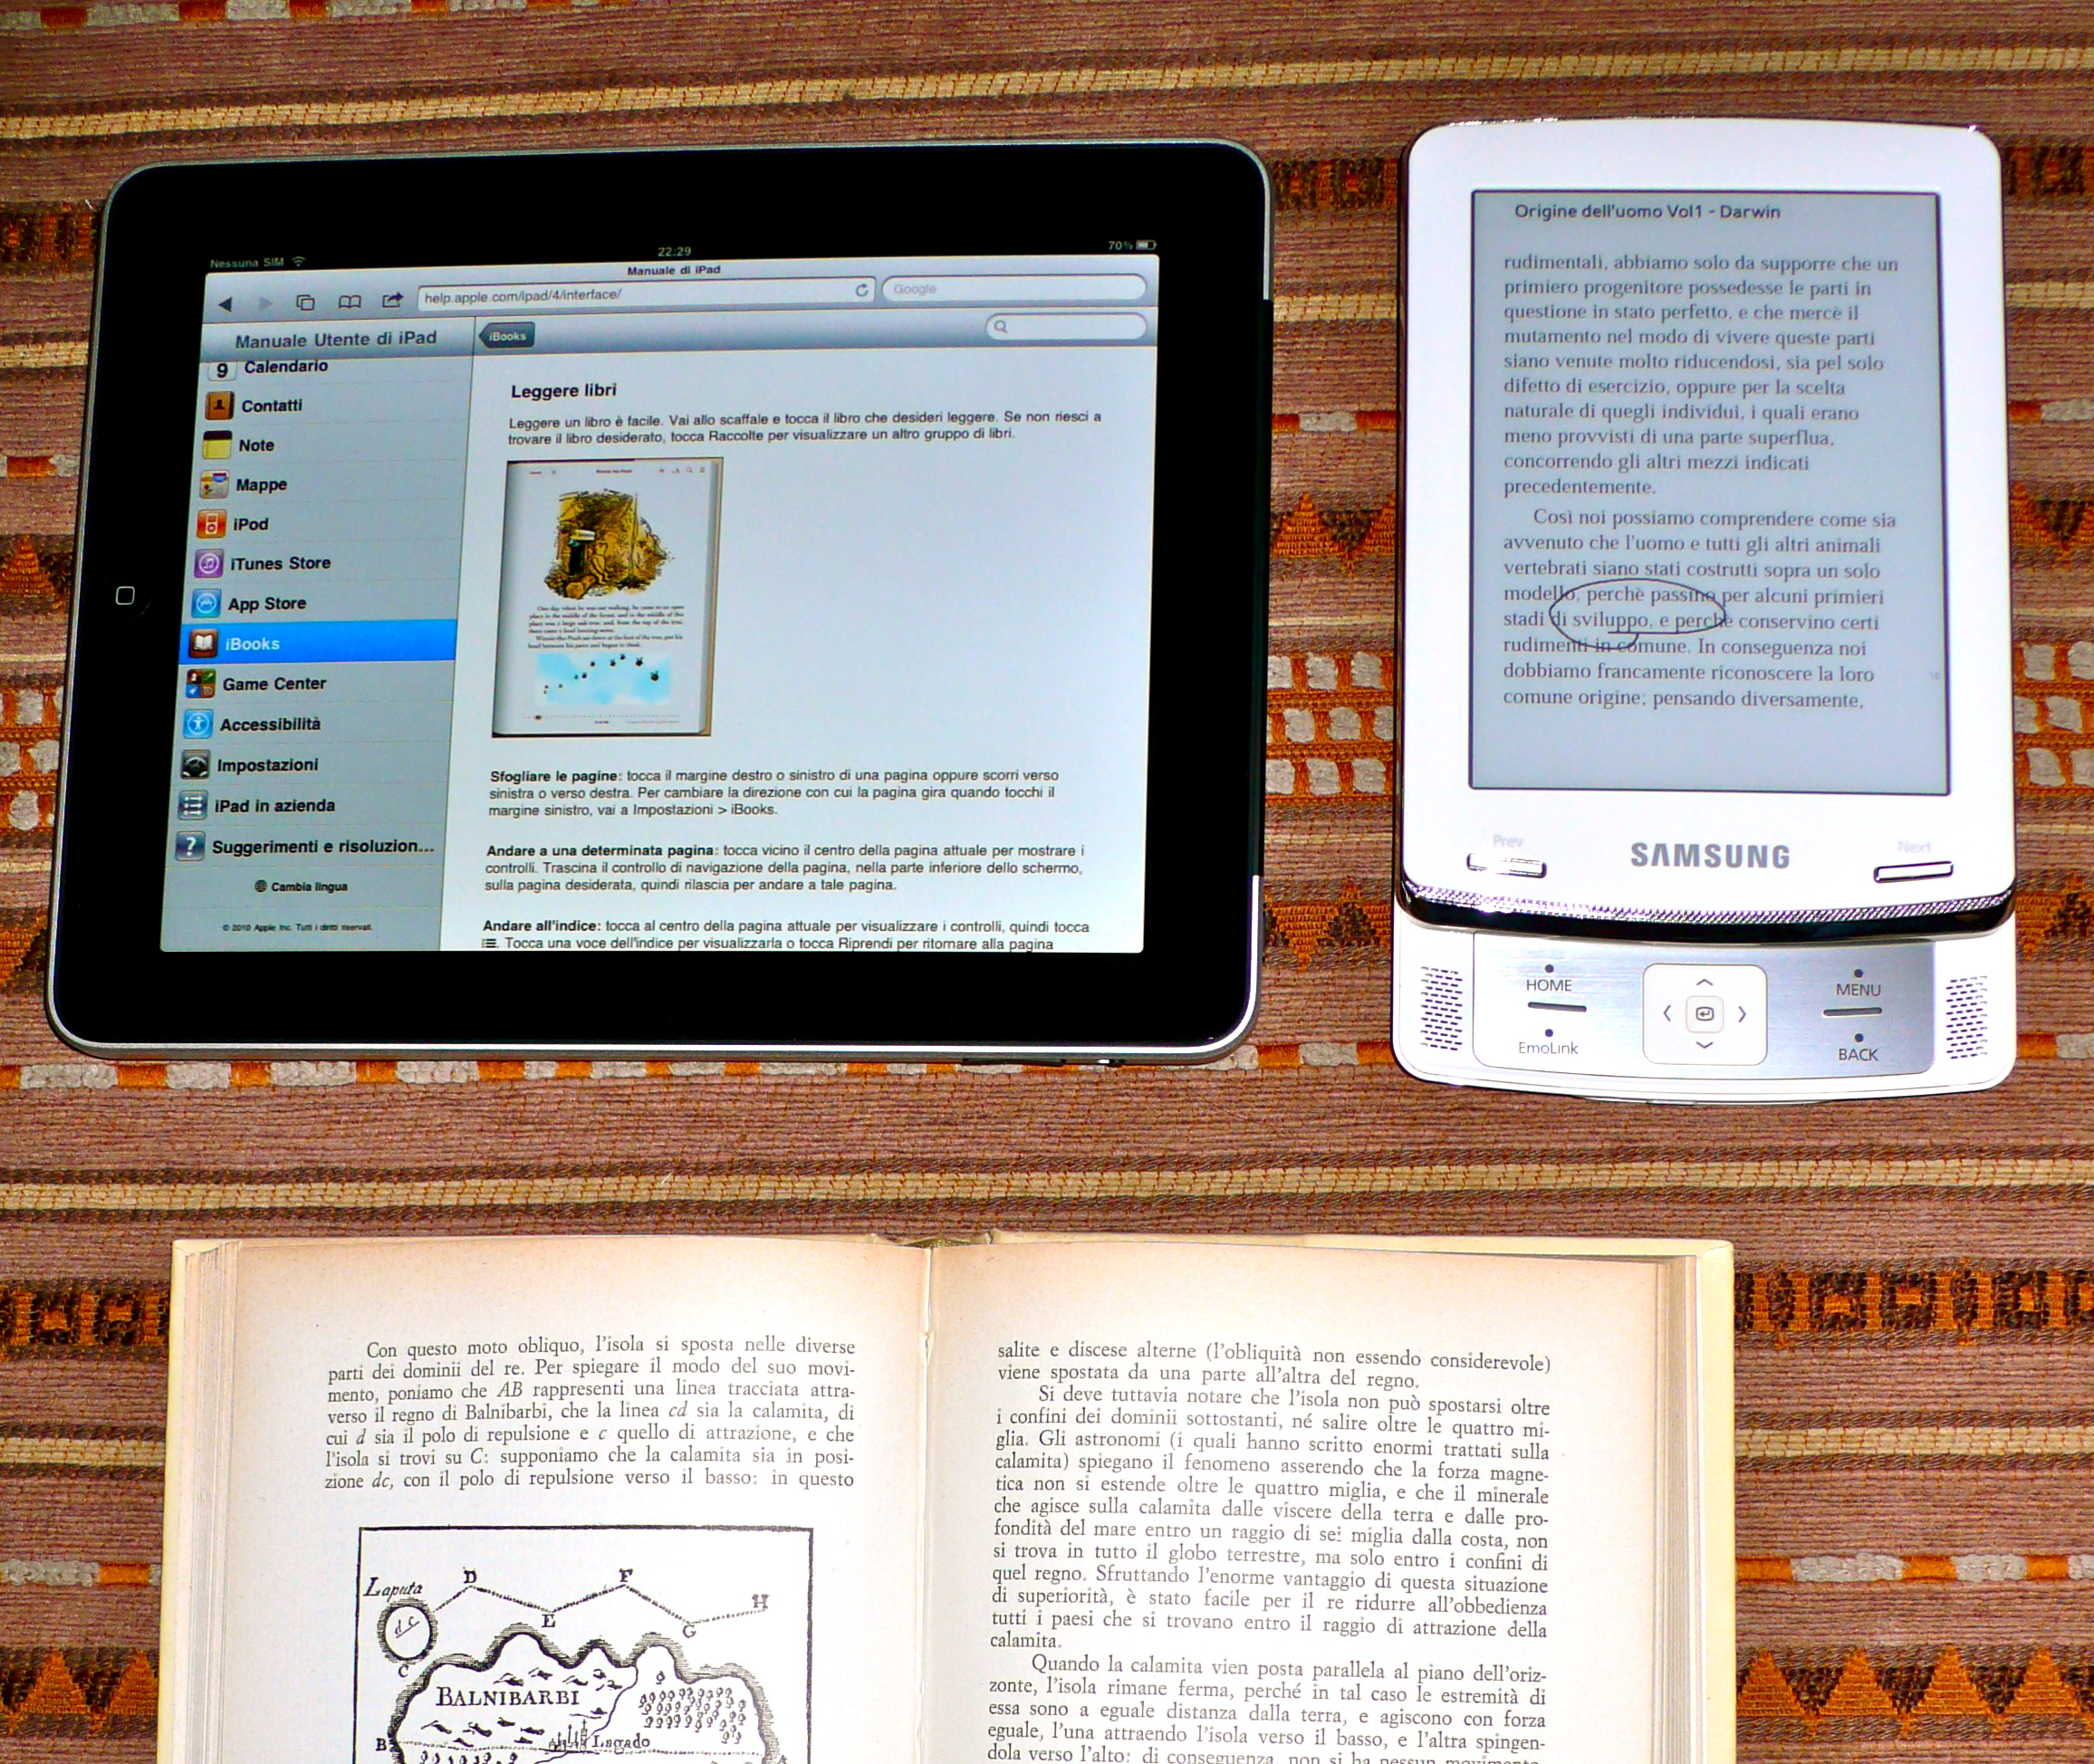 tablet ebook reader del mio